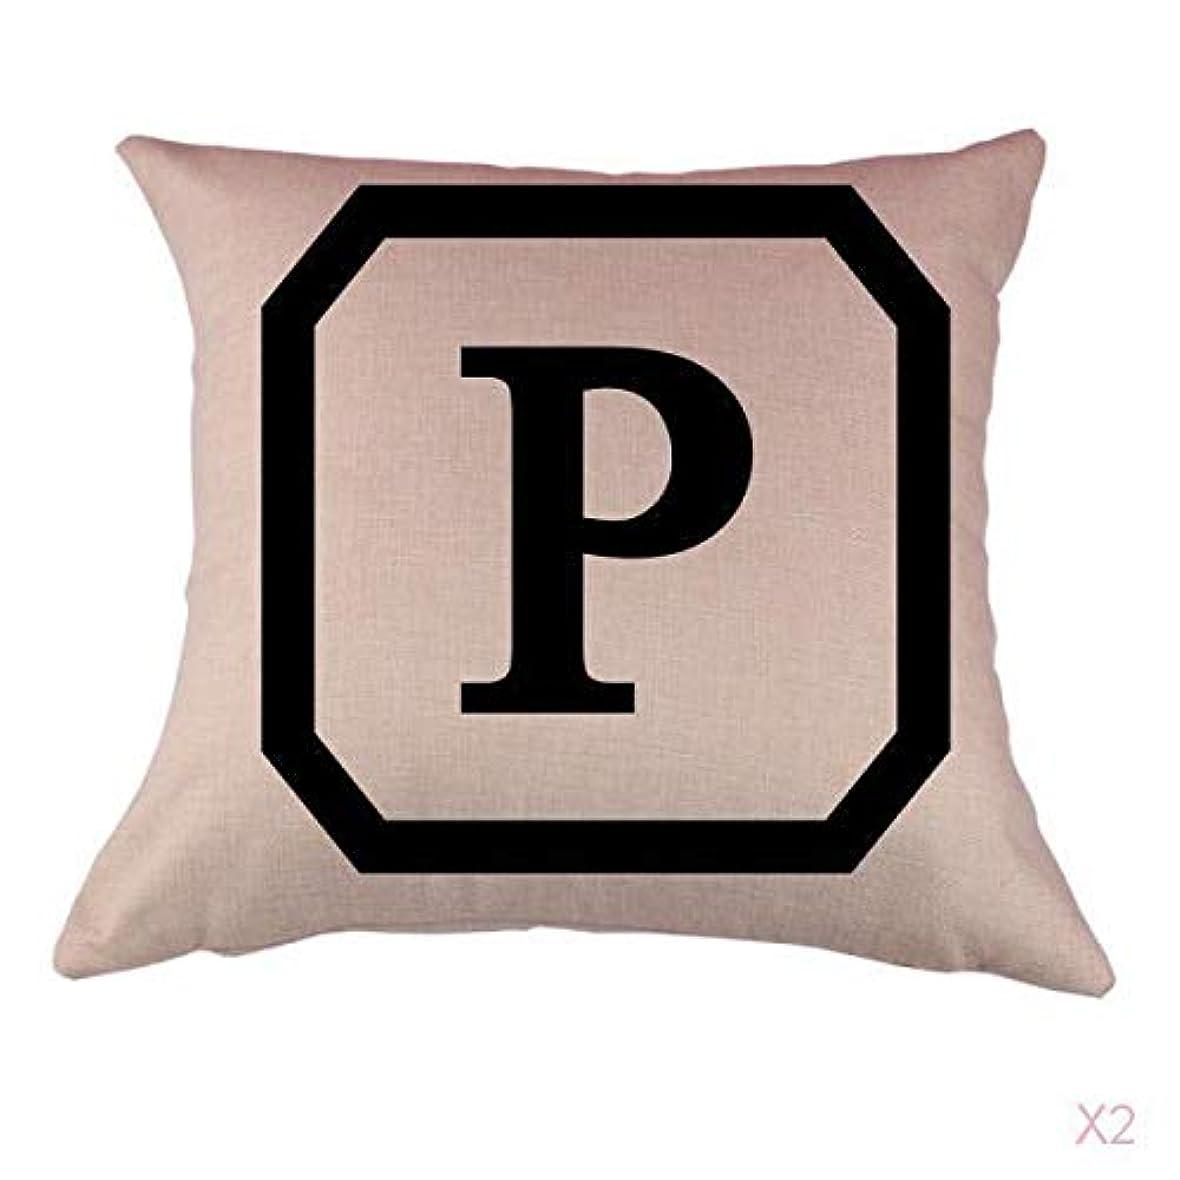 カバーキャプテン植物学コットンリネンスロー枕カバークッションカバー家の装飾頭文字P